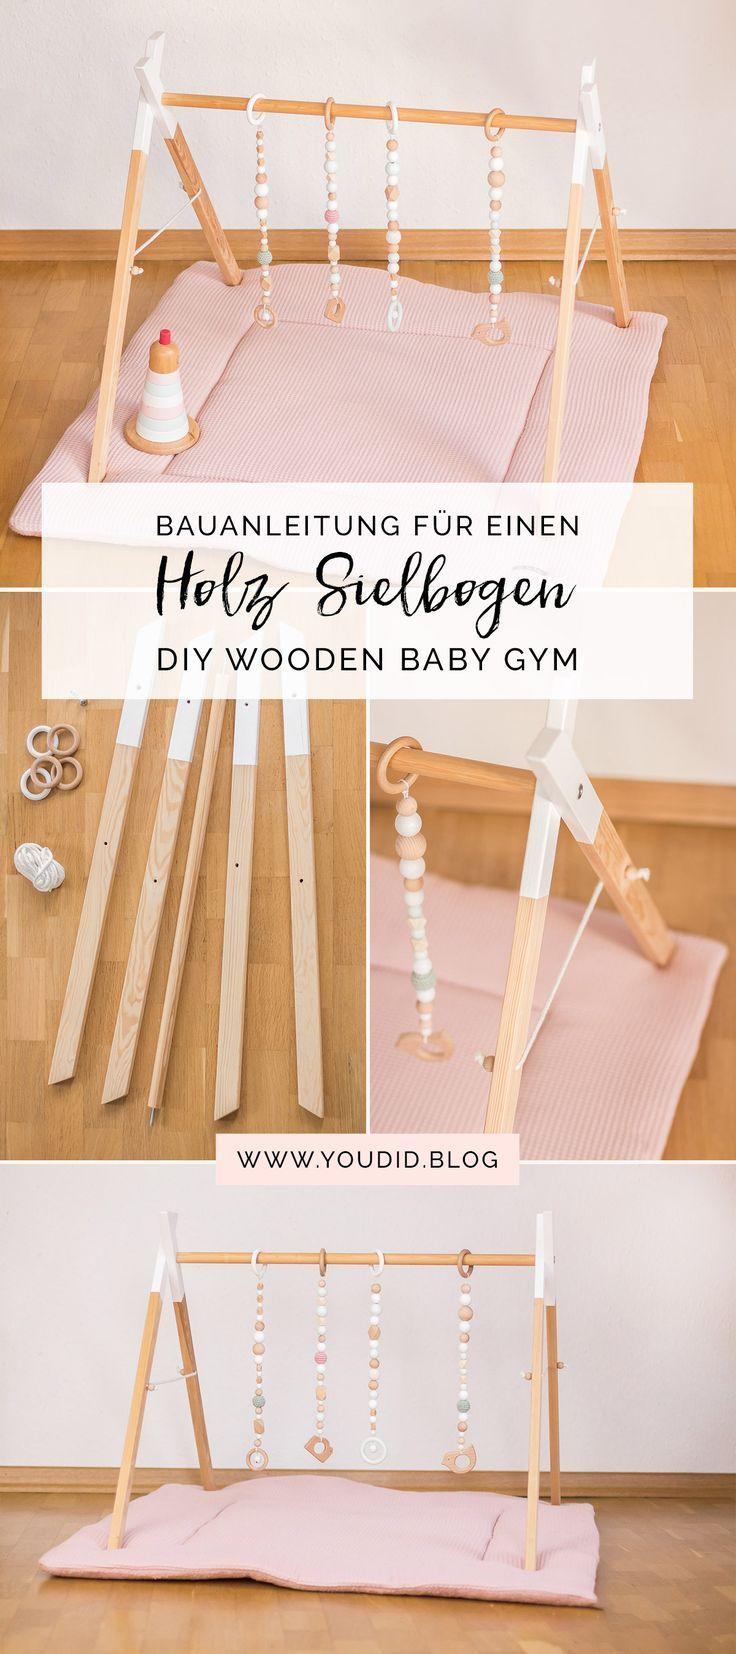 bauanleitung f r einen diy holz spielbogen im skandinavischen stil babys pinterest babies. Black Bedroom Furniture Sets. Home Design Ideas